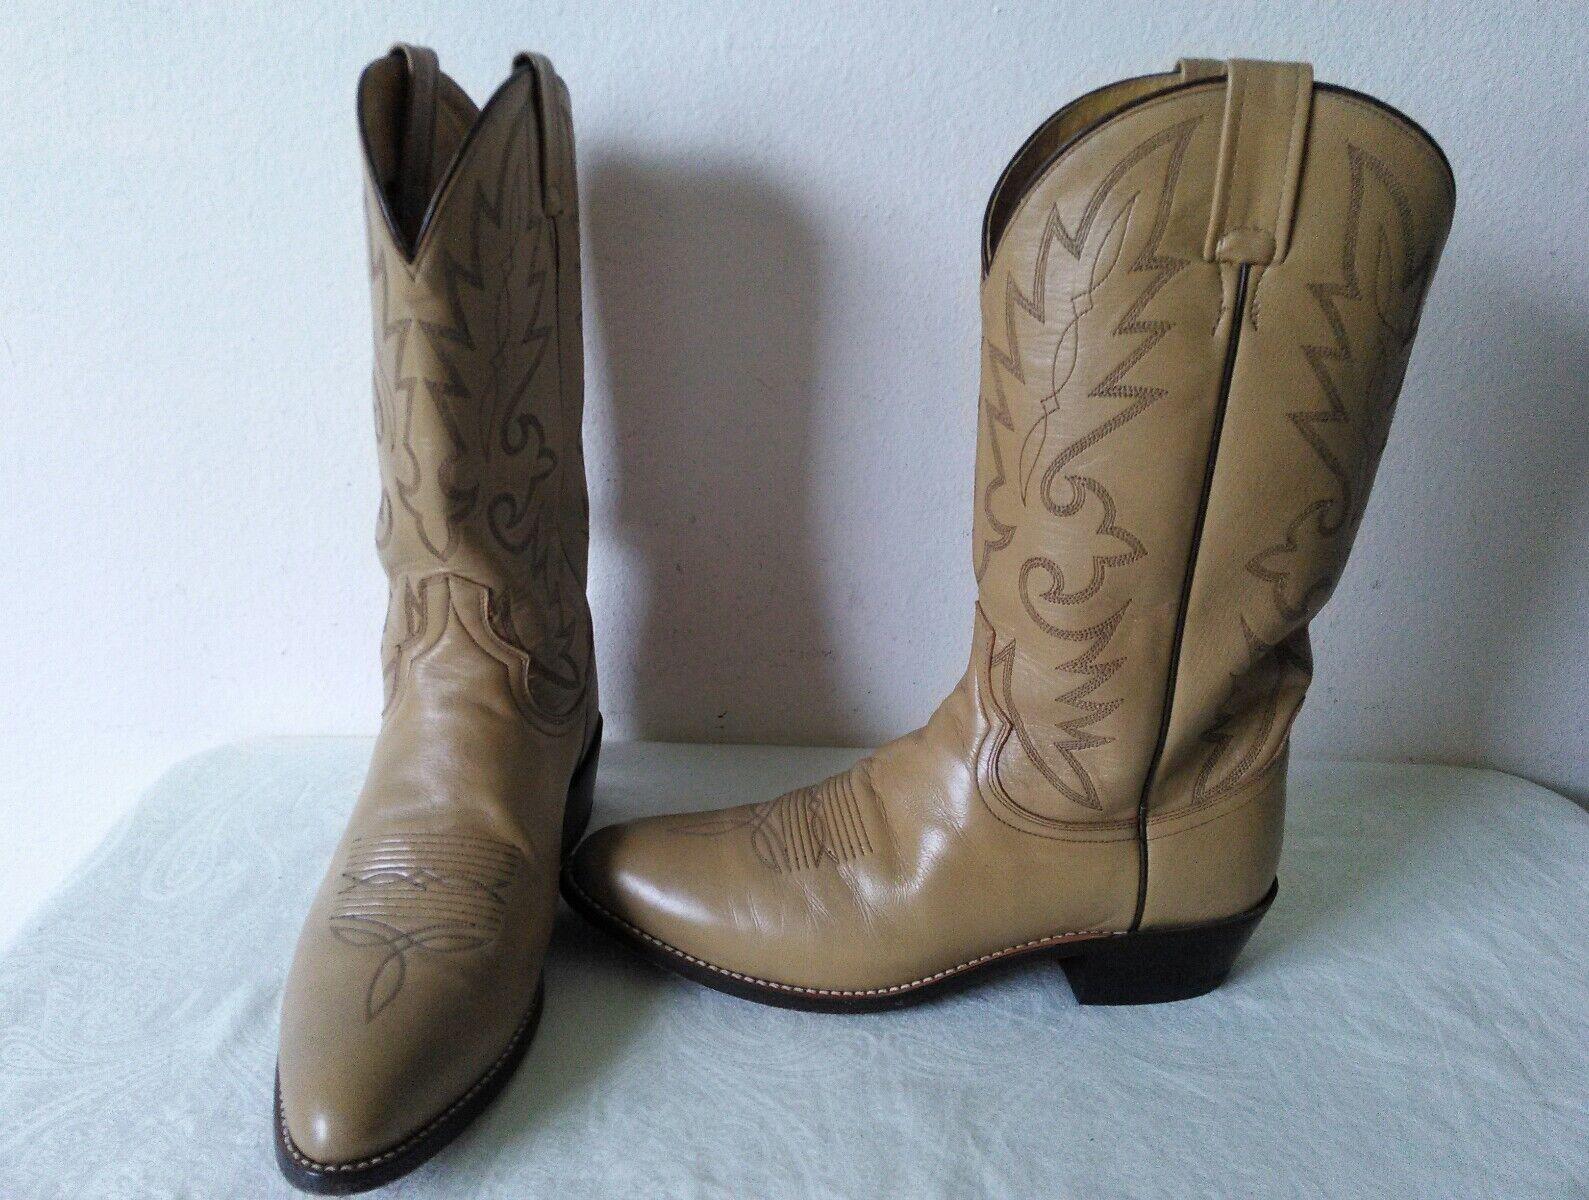 Haute Qualité DAN POST Tout Cuir Marron Clair Homme Bottes Cowboy Style 59936 Taille 9.5 D